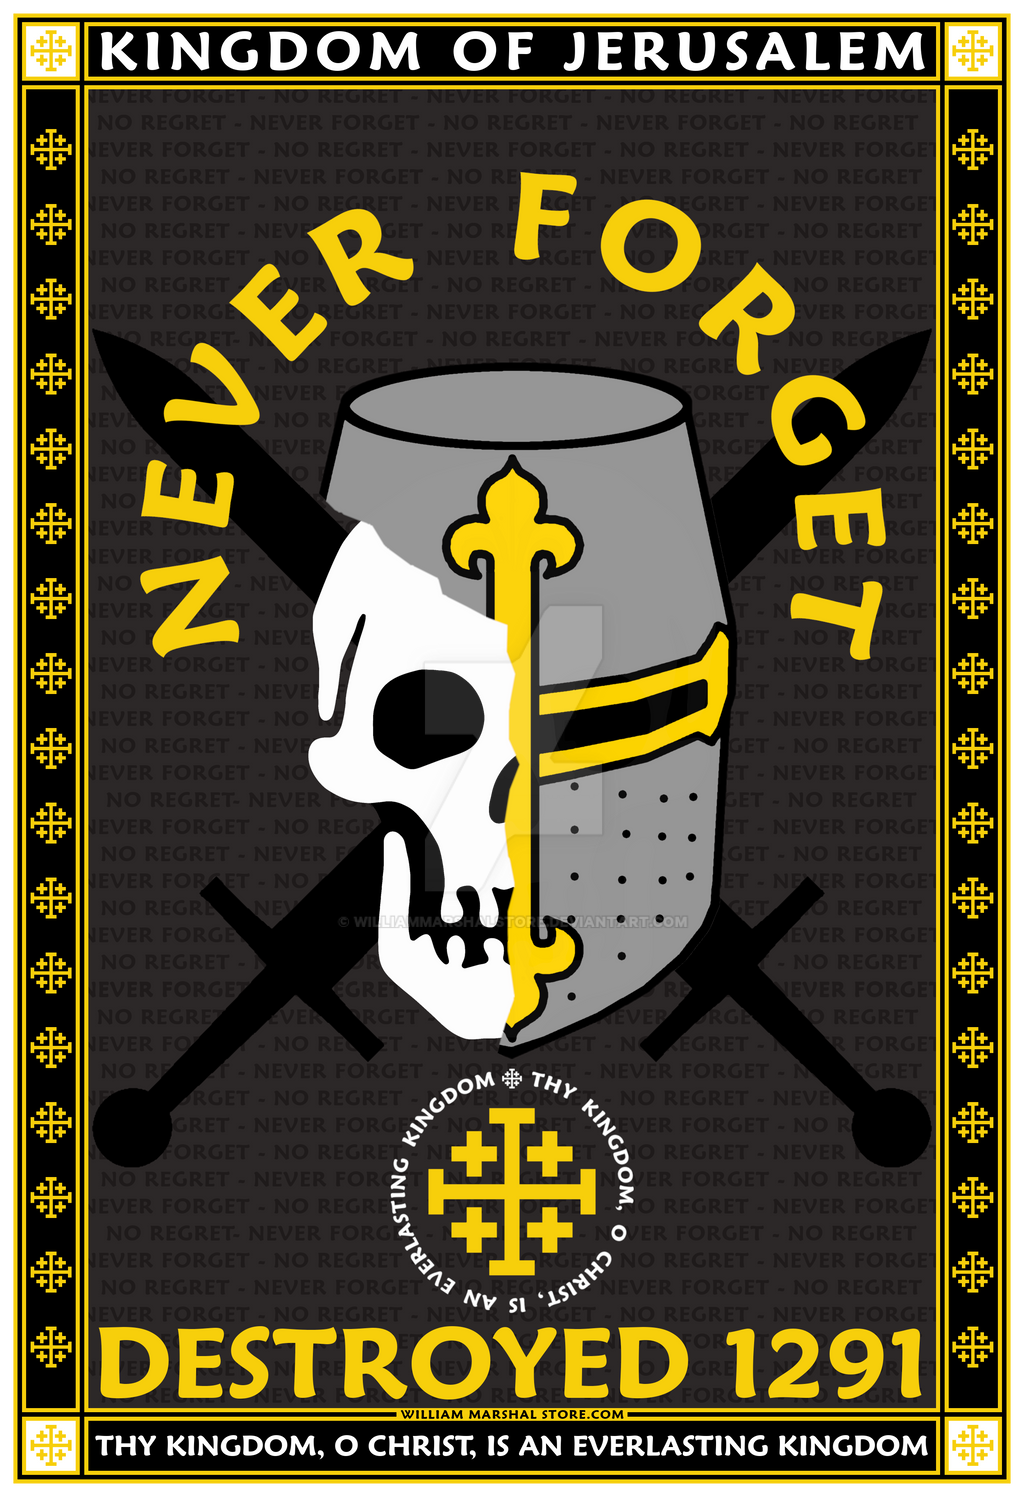 KINGDOM OF JERUSALEM - NEVER FORGET 13X19 POSTER